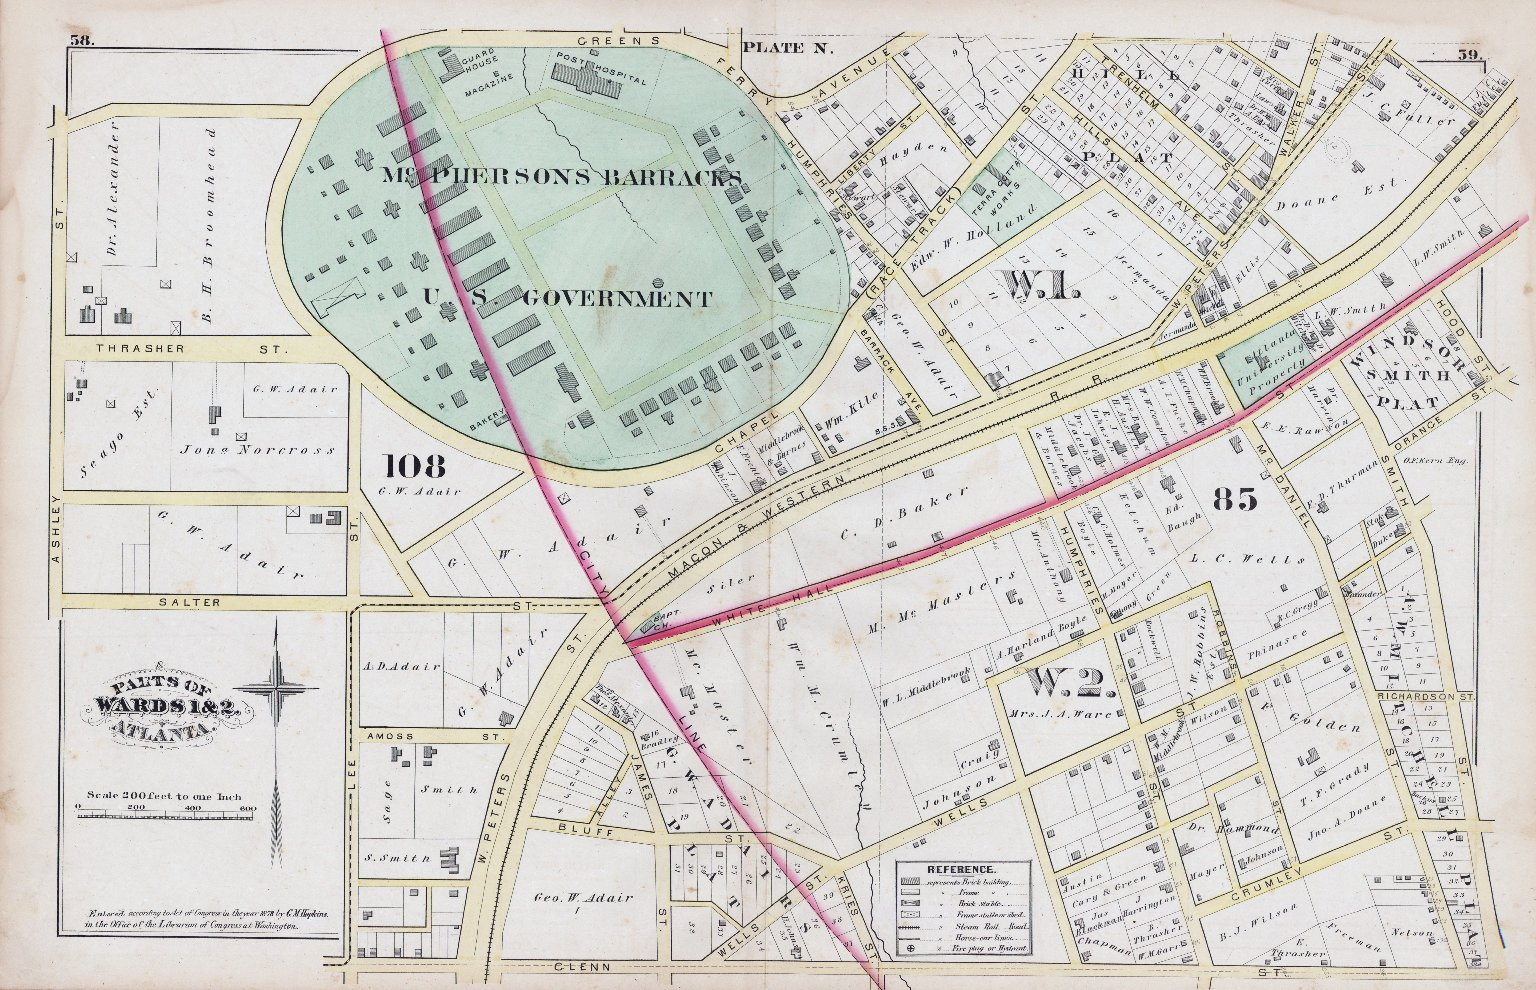 Plate N: Parts of Wards 1 & 2, Atlanta